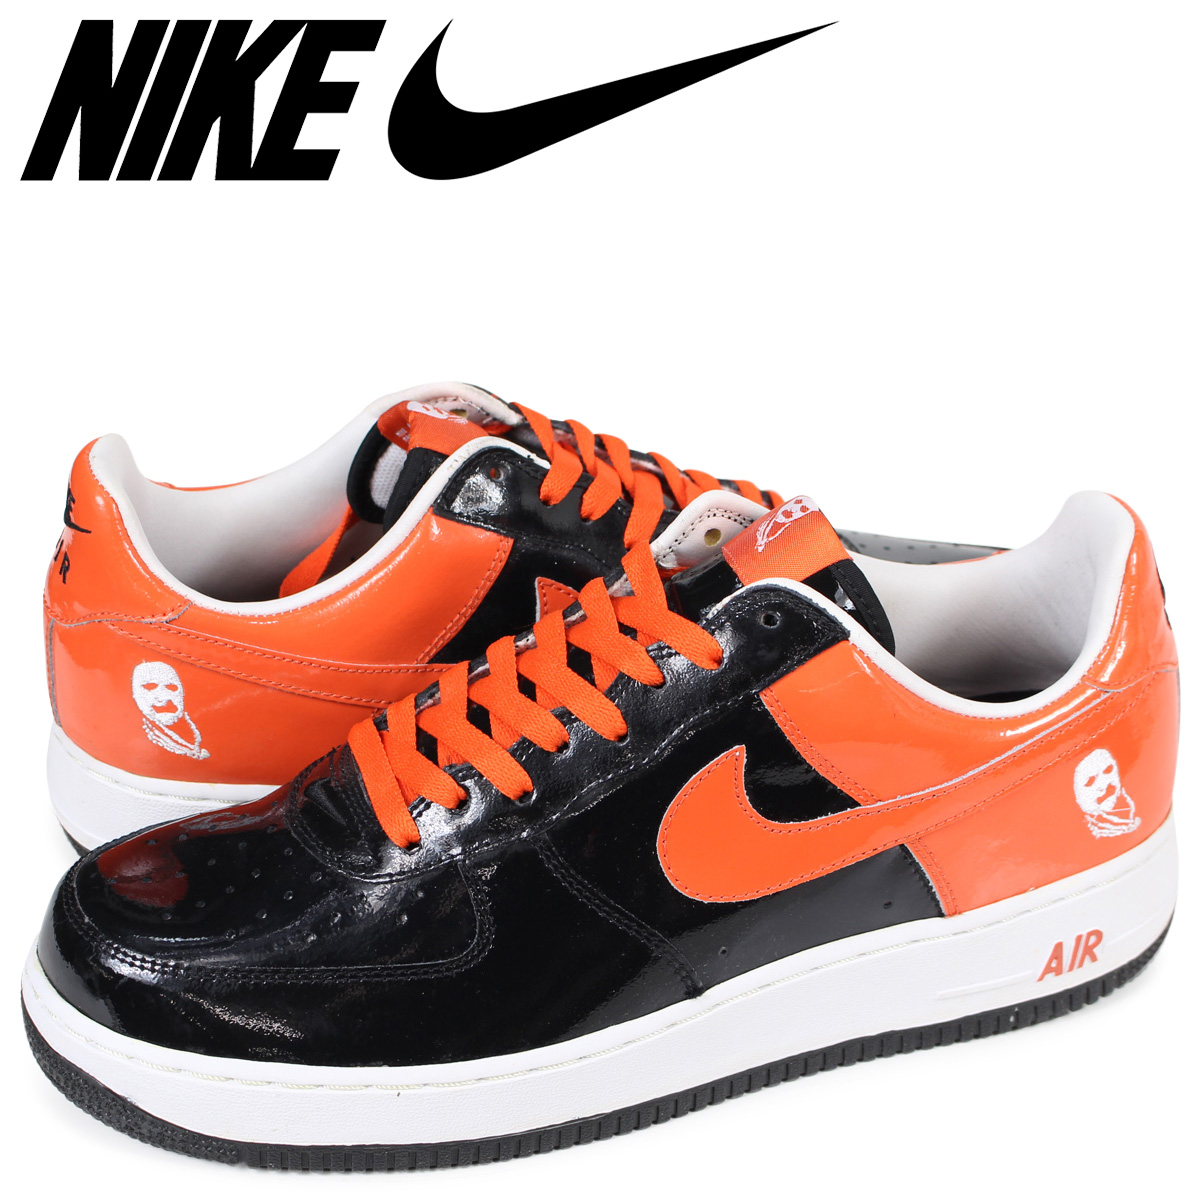 online store 519fa 08316 NIKE AIR FORCE 1 LOW PREMIUM HALLOWEEN Nike air force 1 sneakers men black  312,945-081 [183]